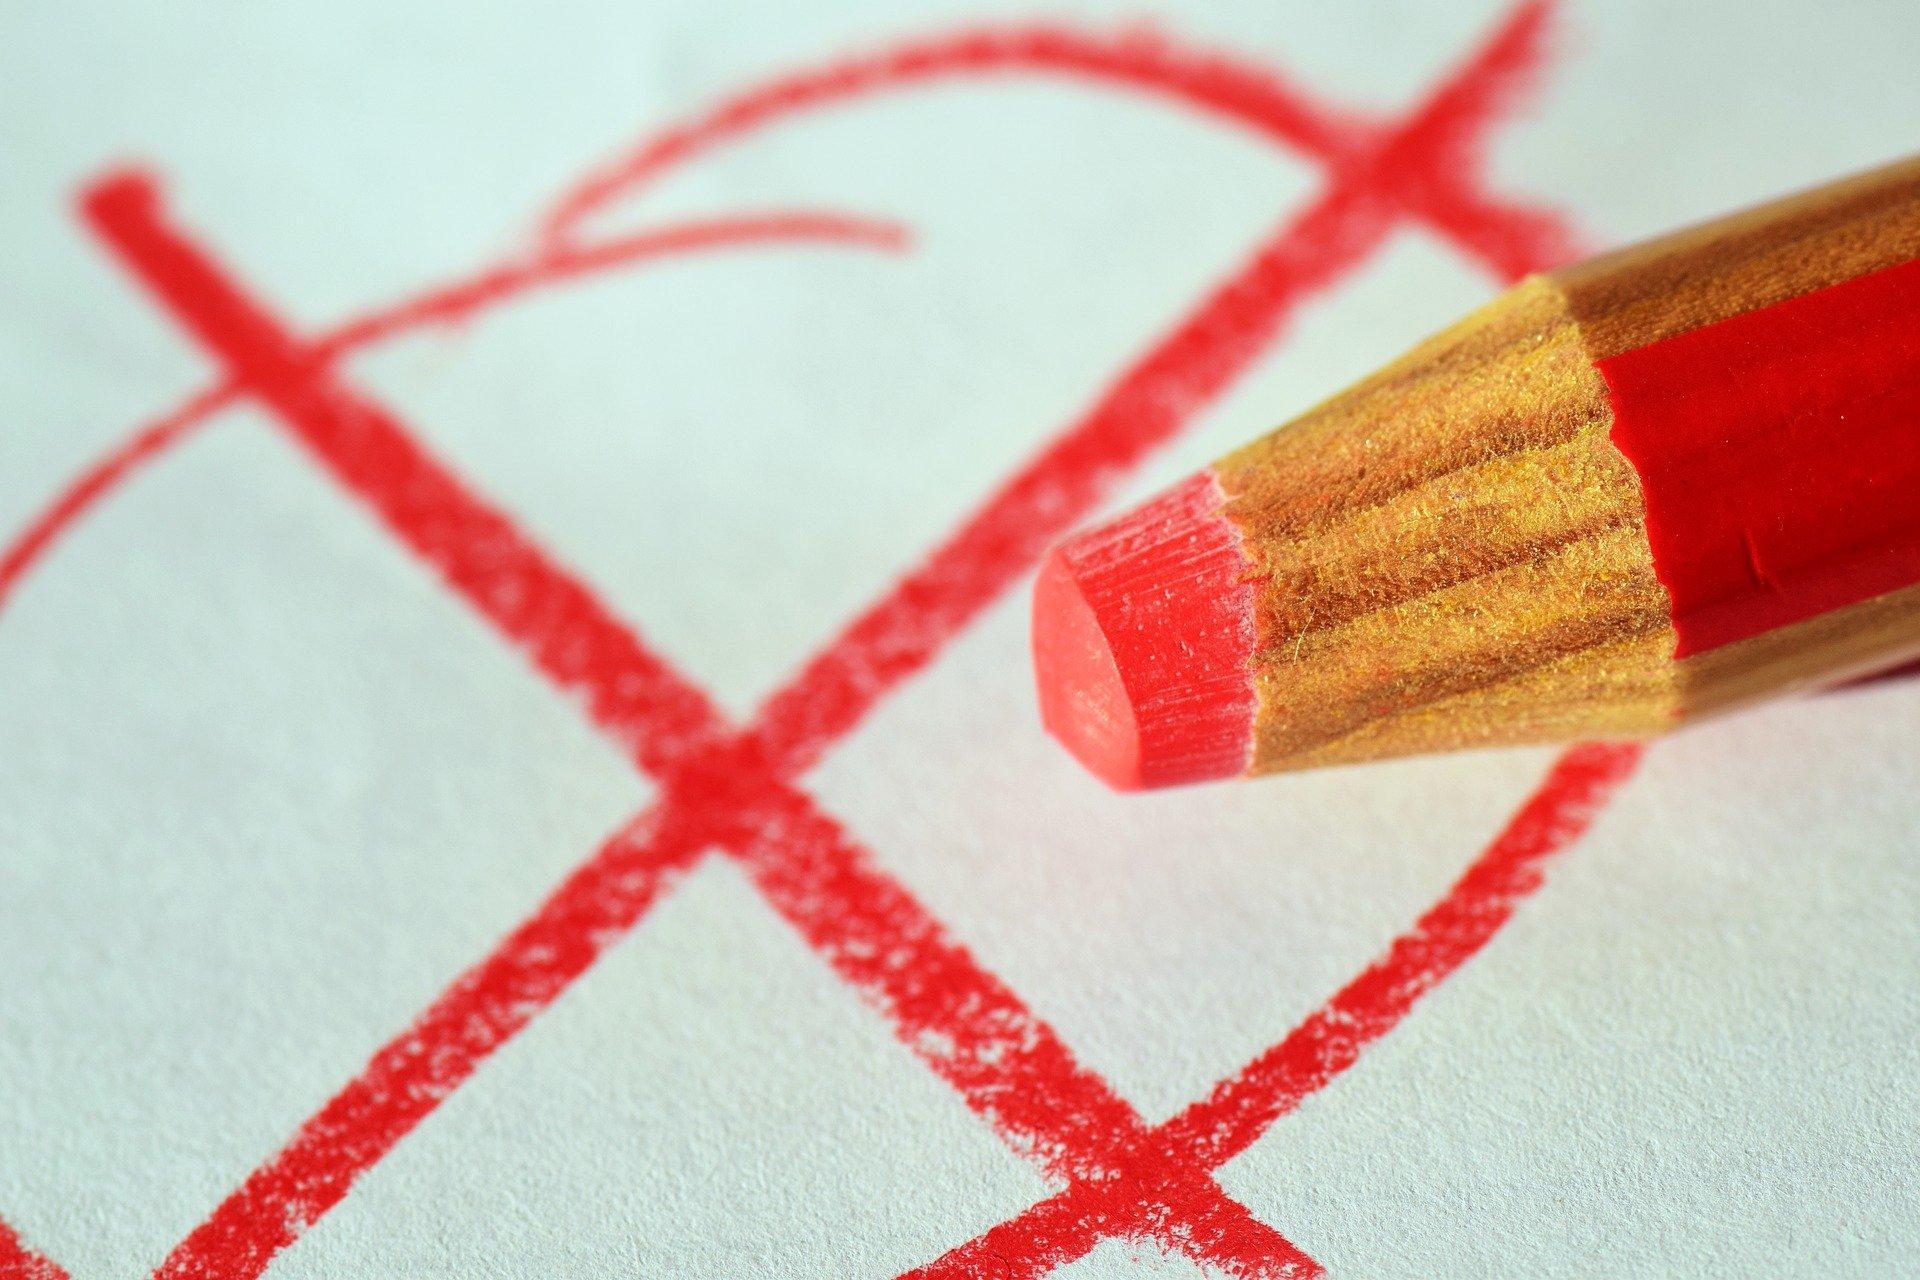 Bild rotes Kreuz Stimmzettel, Quelle: Bild von Ulrike Leone auf Pixabay